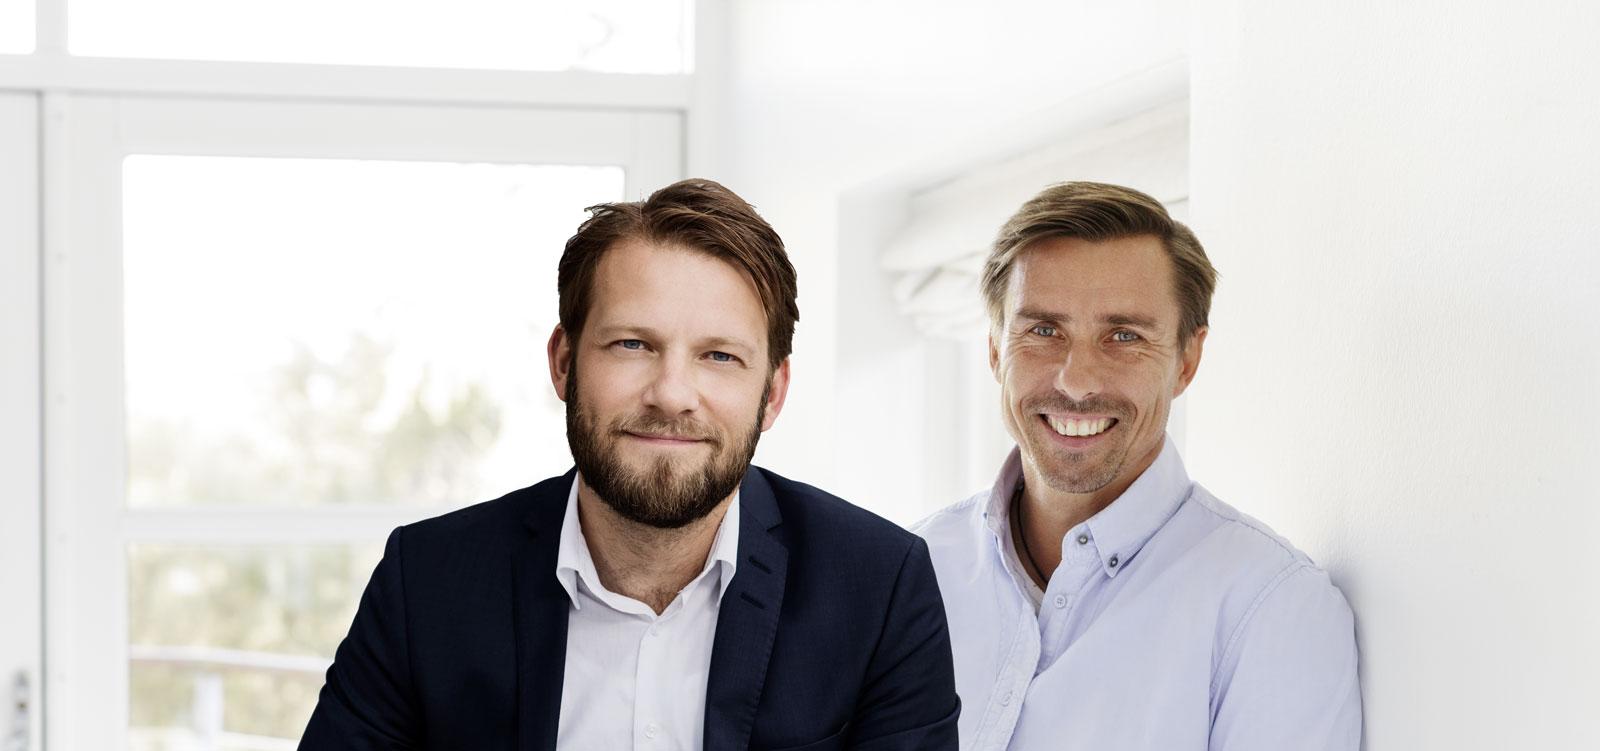 Generalforsamling ErhvervSilkeborg 2019